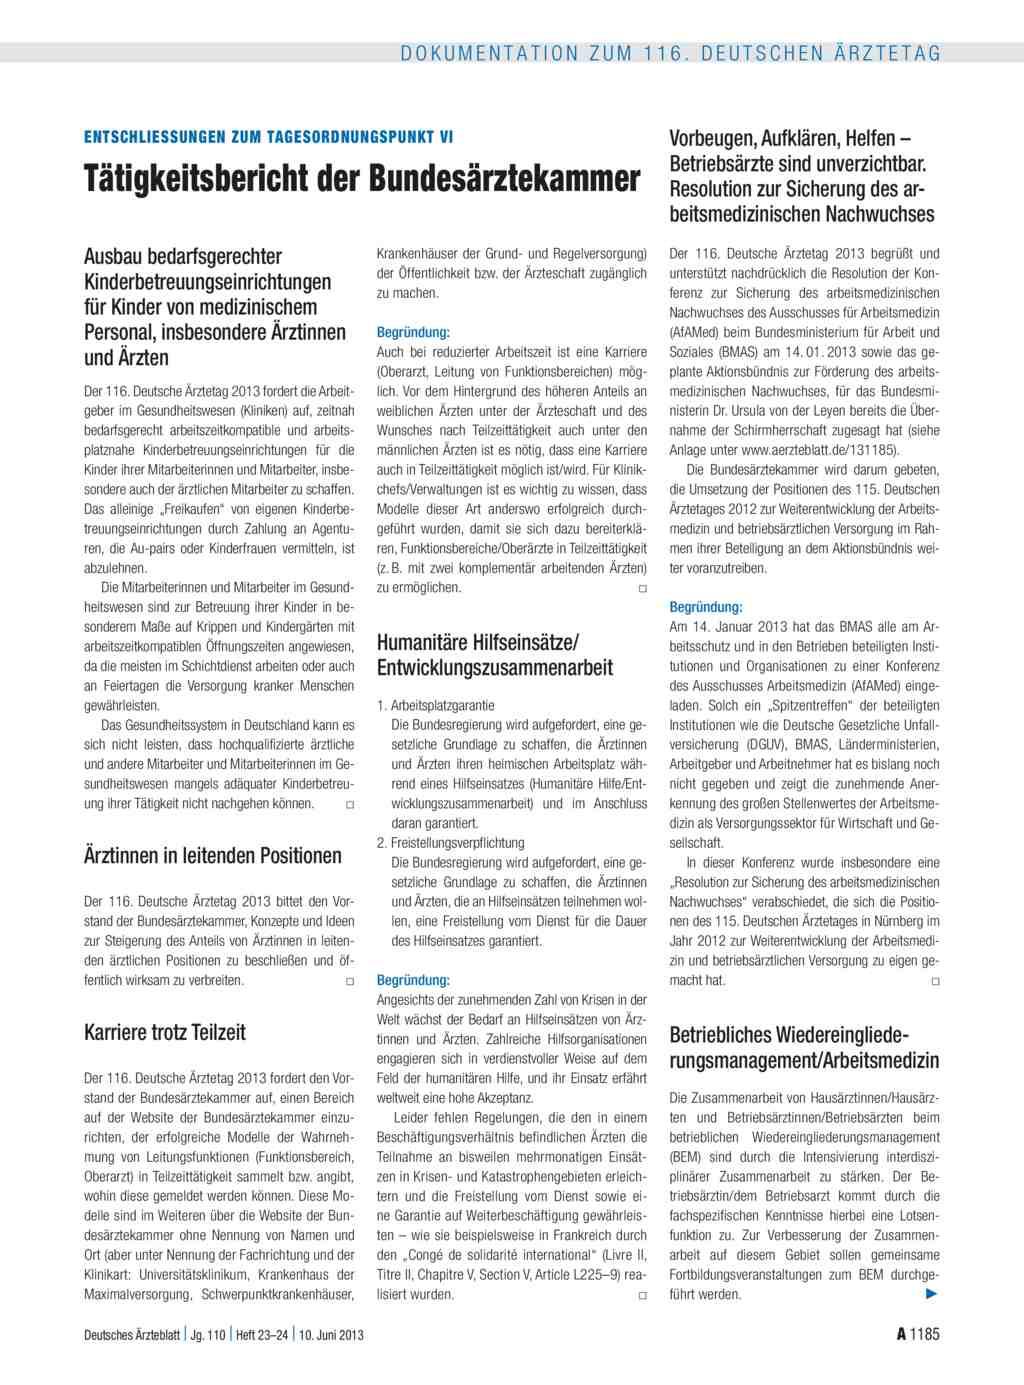 Entschliessungen zum Tagesordnungspunkt VI: Tätigkeitsbericht der  Bundesärztekammer